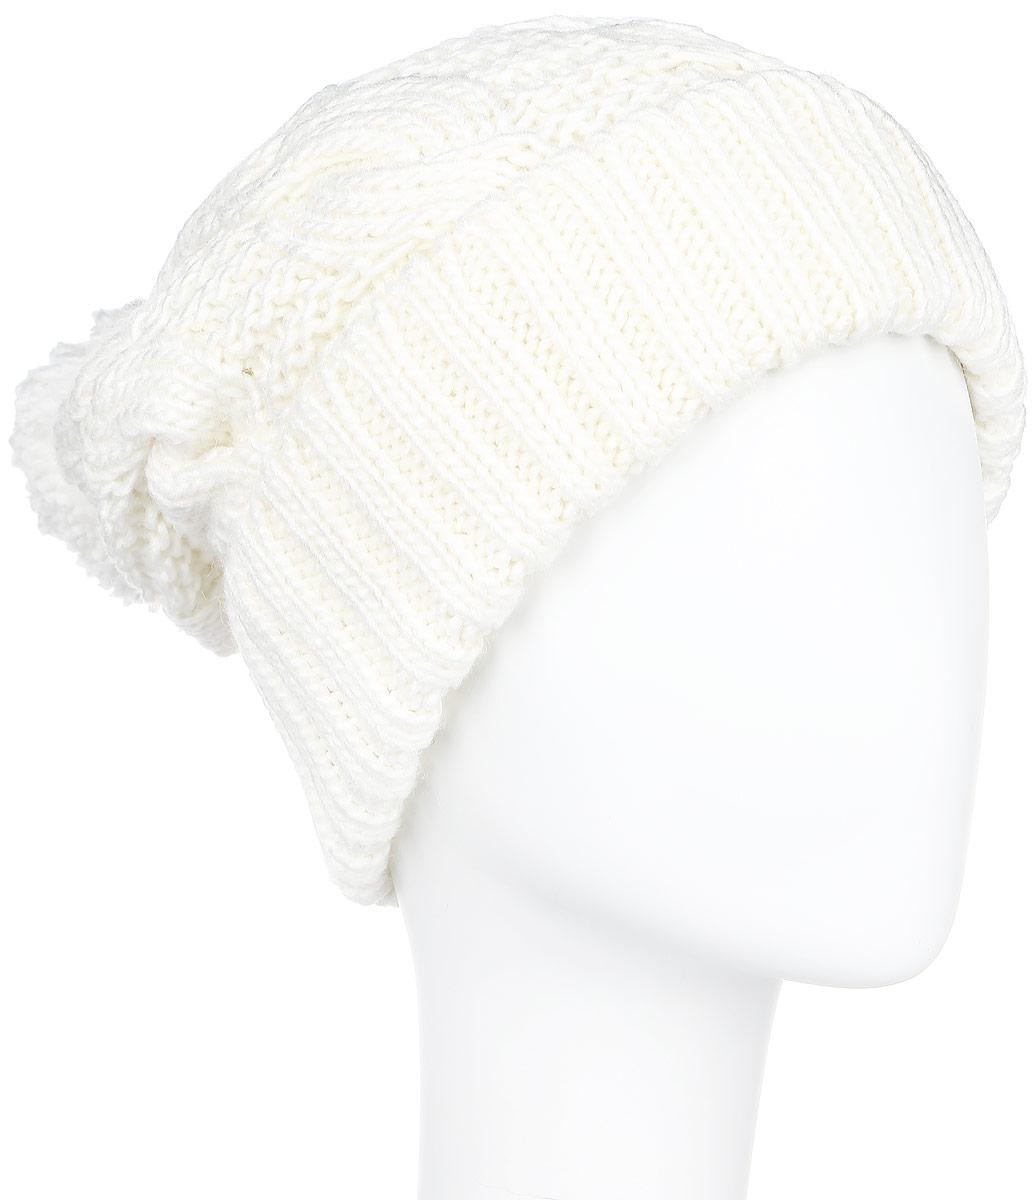 Шапка женская Finn Flare, цвет: молочный. A16-32124_201. Размер 56A16-32124_201Стильная женская шапка Finn Flare дополнит ваш наряд и не позволит вам замерзнуть в холодное время года. Шапка выполнена из высококачественной, комбинированной пряжи, что позволяет ей великолепно сохранять тепло и обеспечивает высокую эластичность и удобство посадки. Изделие дополнено теплой флисовой подкладкой.Модель с удлиненной макушкой оформлена оригинальным узором и дополнена пушистым помпоном. Такая шапка станет модным и стильным дополнением вашего гардероба. Она согреет вас и позволит подчеркнуть свою индивидуальность! Уважаемые клиенты!Размер, доступный для заказа, является обхватом головы.